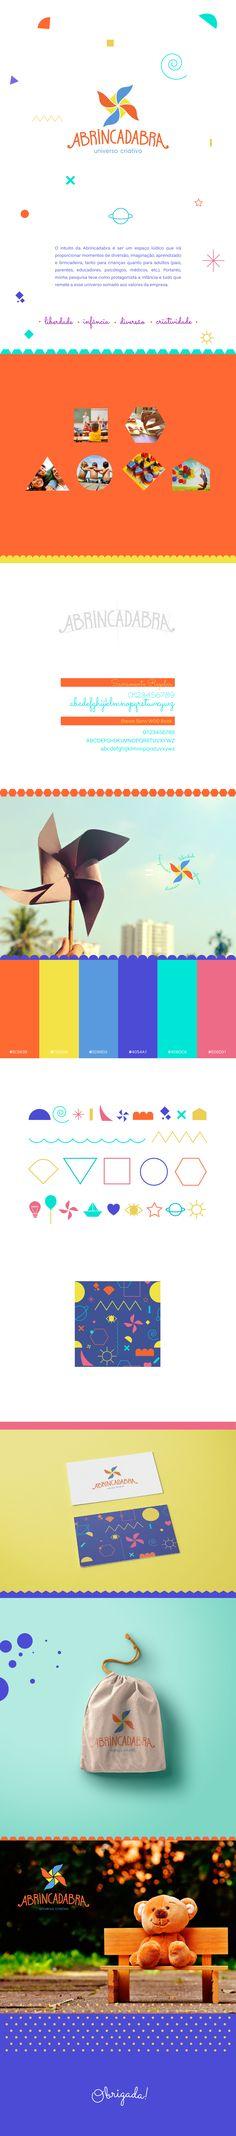 Projeto de identidade visual feito pra empresa Abrincadabra, veja mais em www.nataliamastrela.com :)